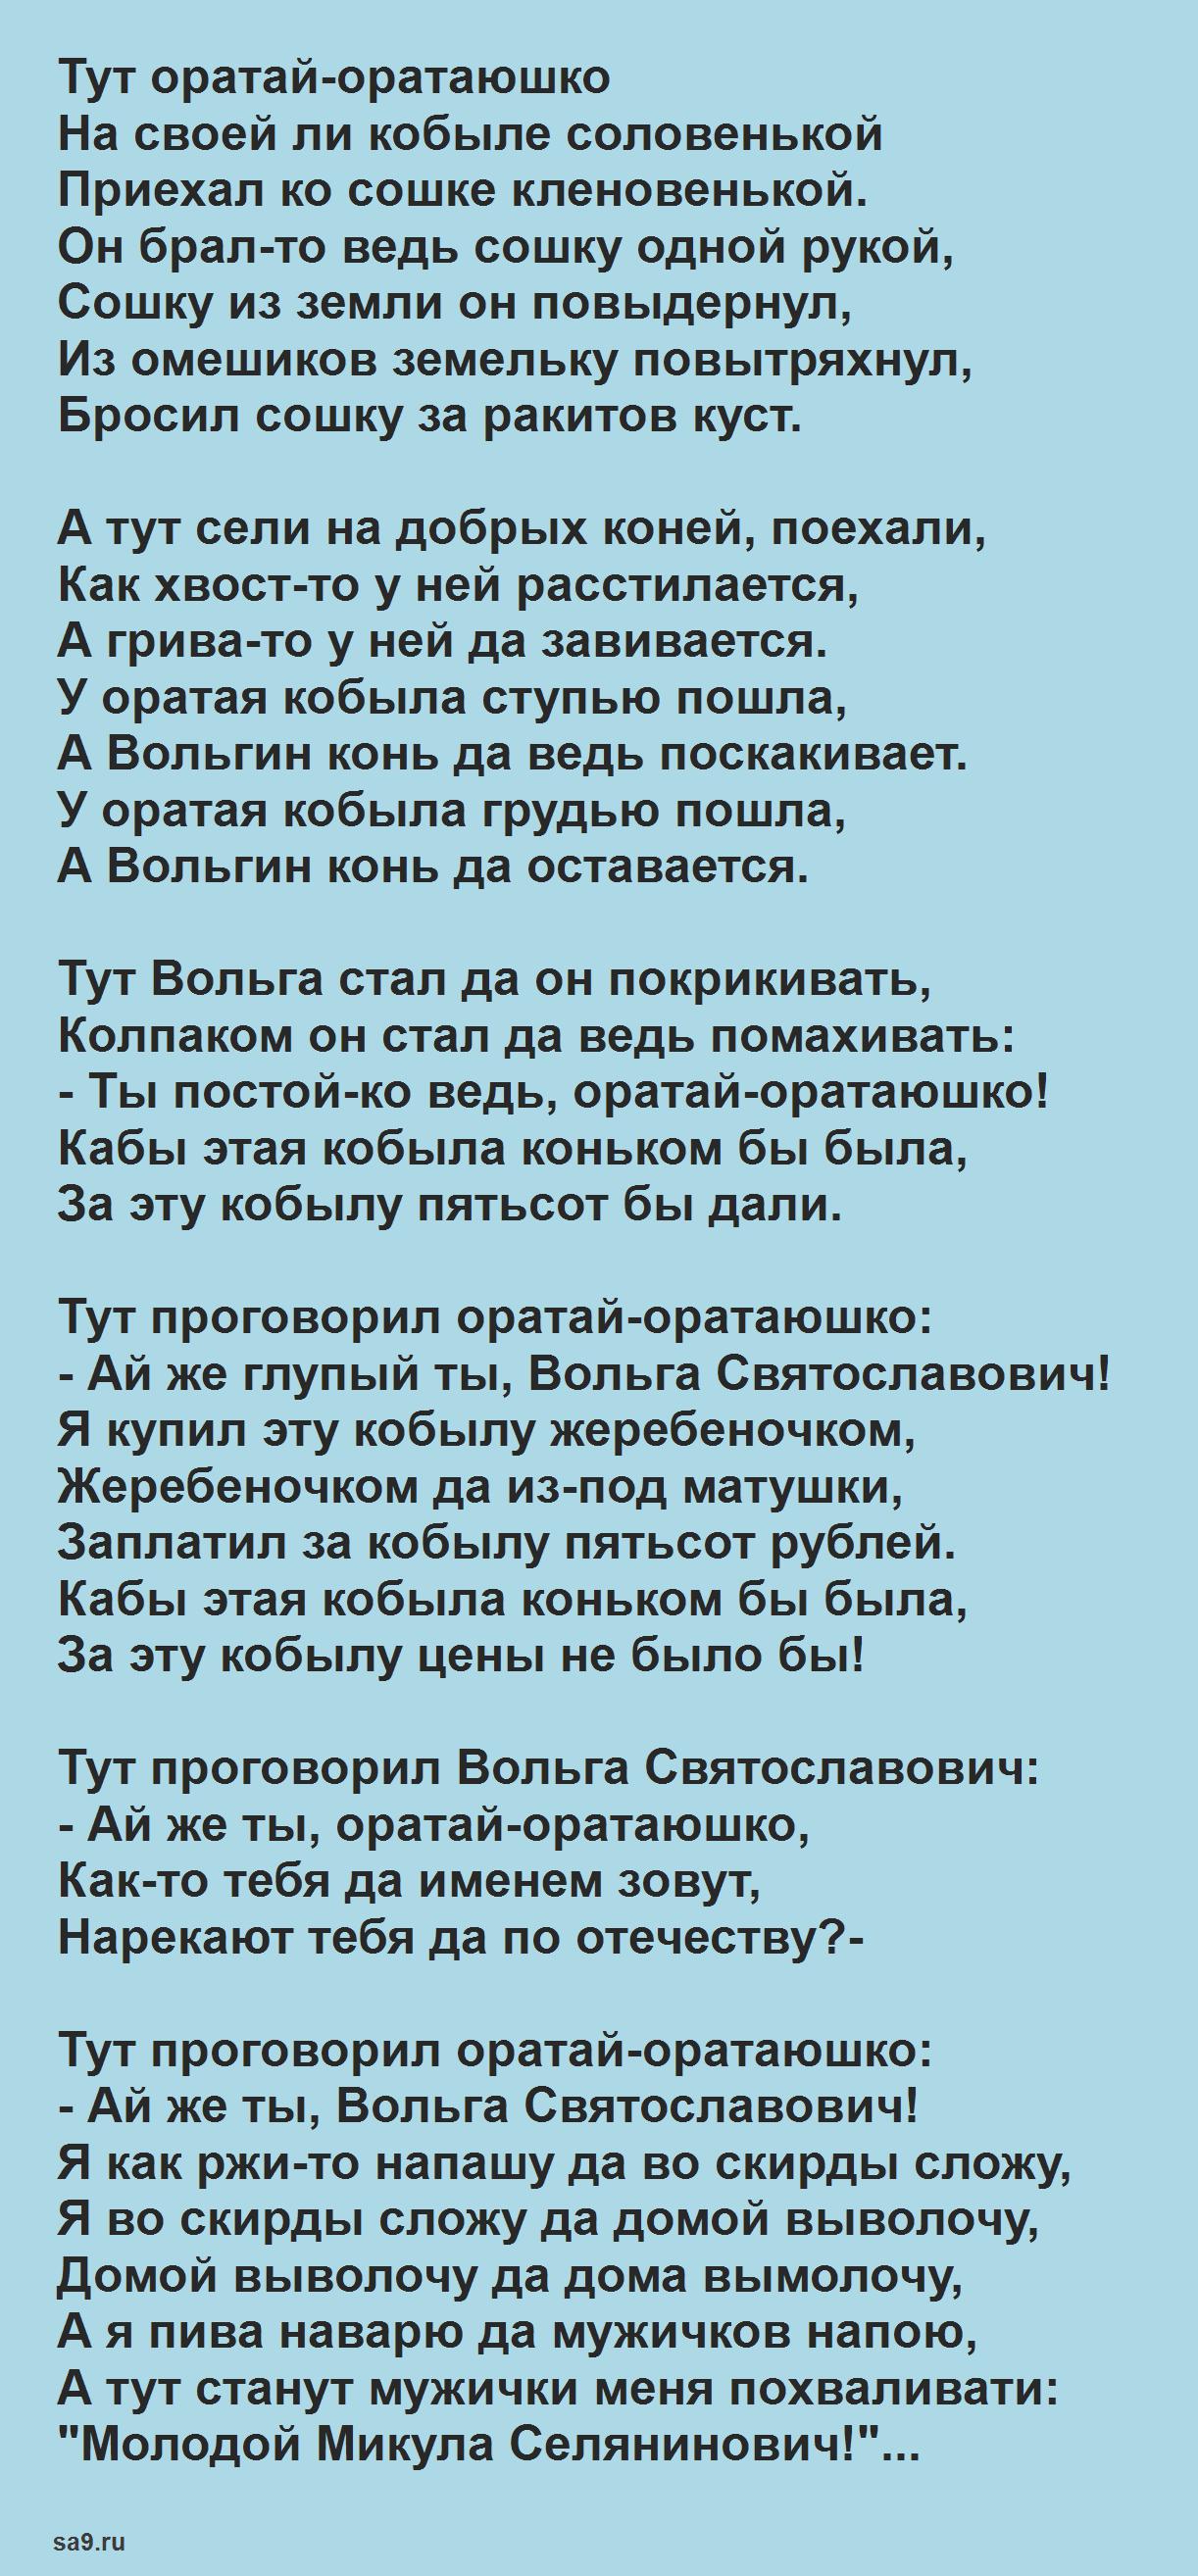 Читать русскую народную былину - Вольга и Микула Селянинович